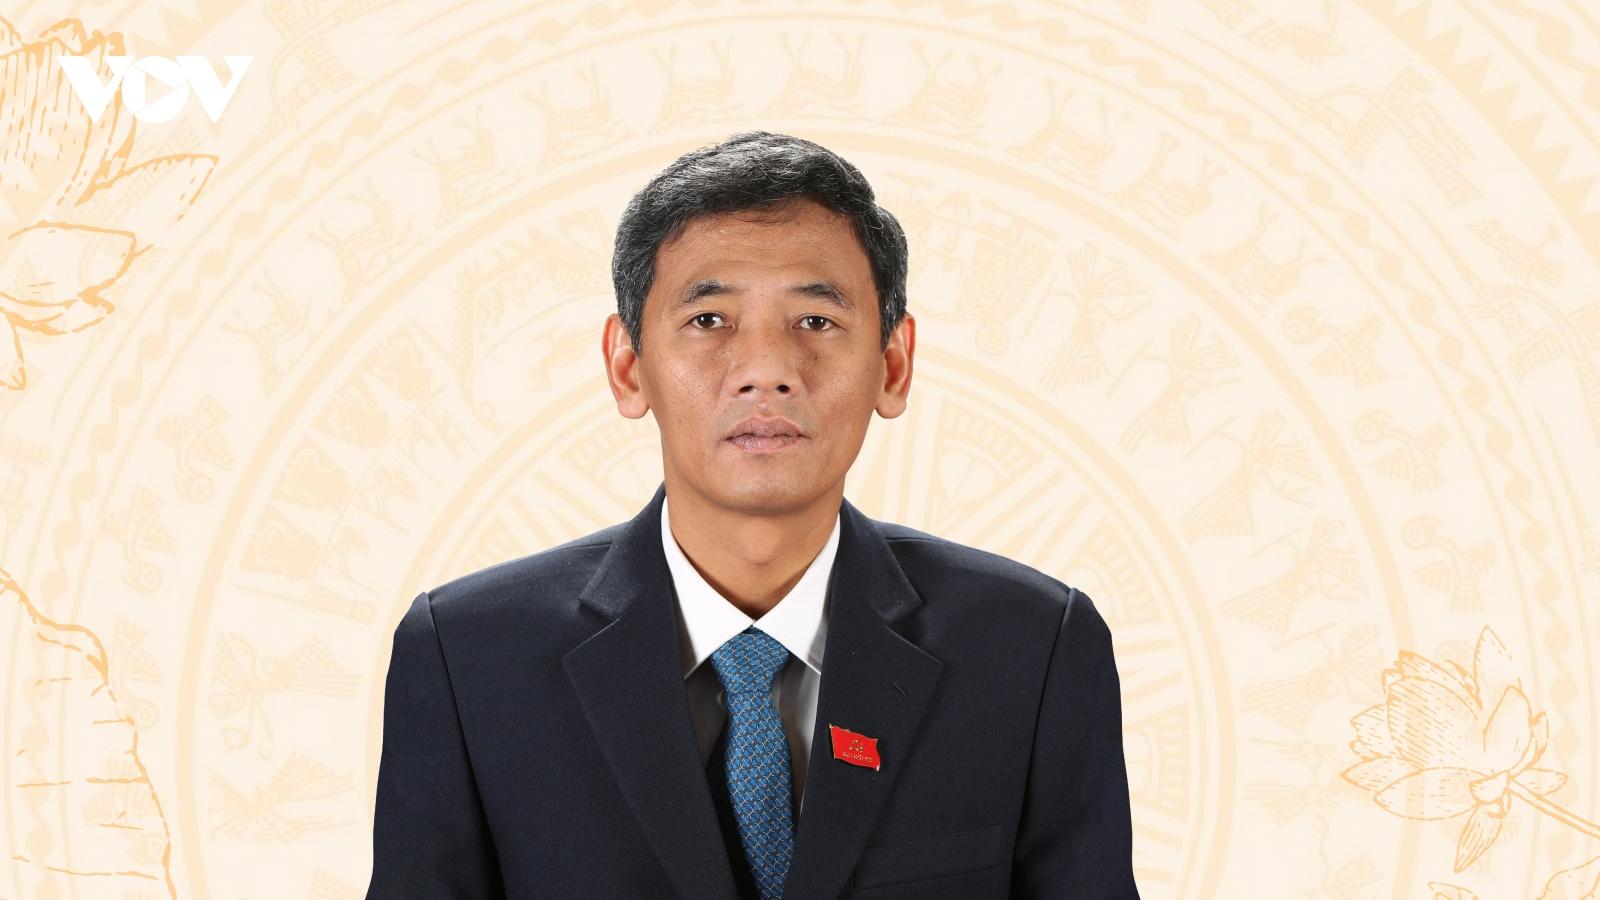 Chân dung Bí thư Tỉnh ủy Sóc Trăng Lâm Văn Mẫn